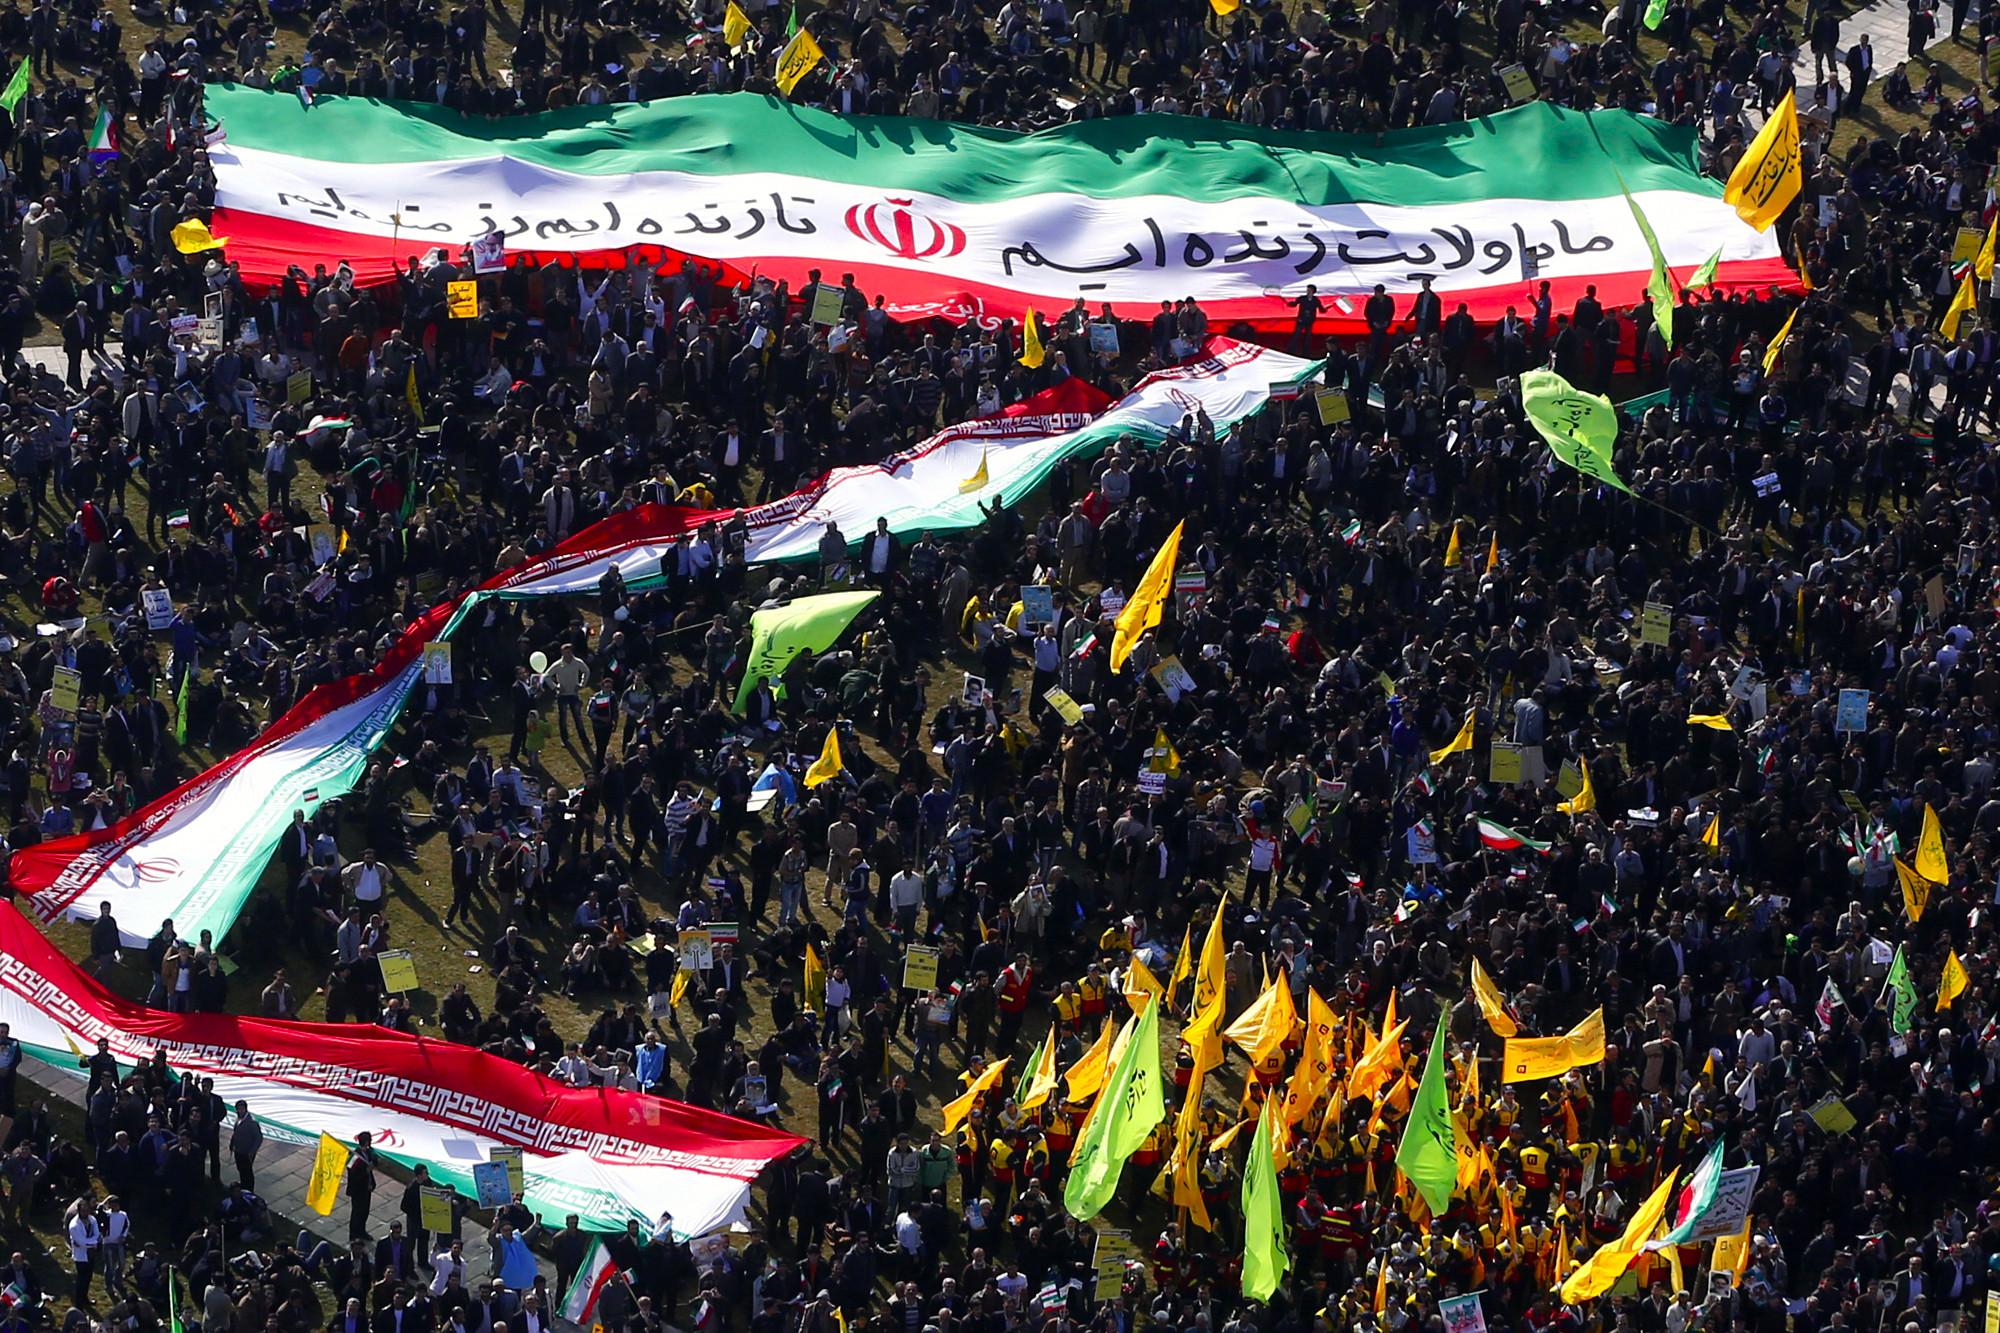 انقلاب اسلامی ایران، حرکتی مسالمتآمیز، الگویی کارآمد